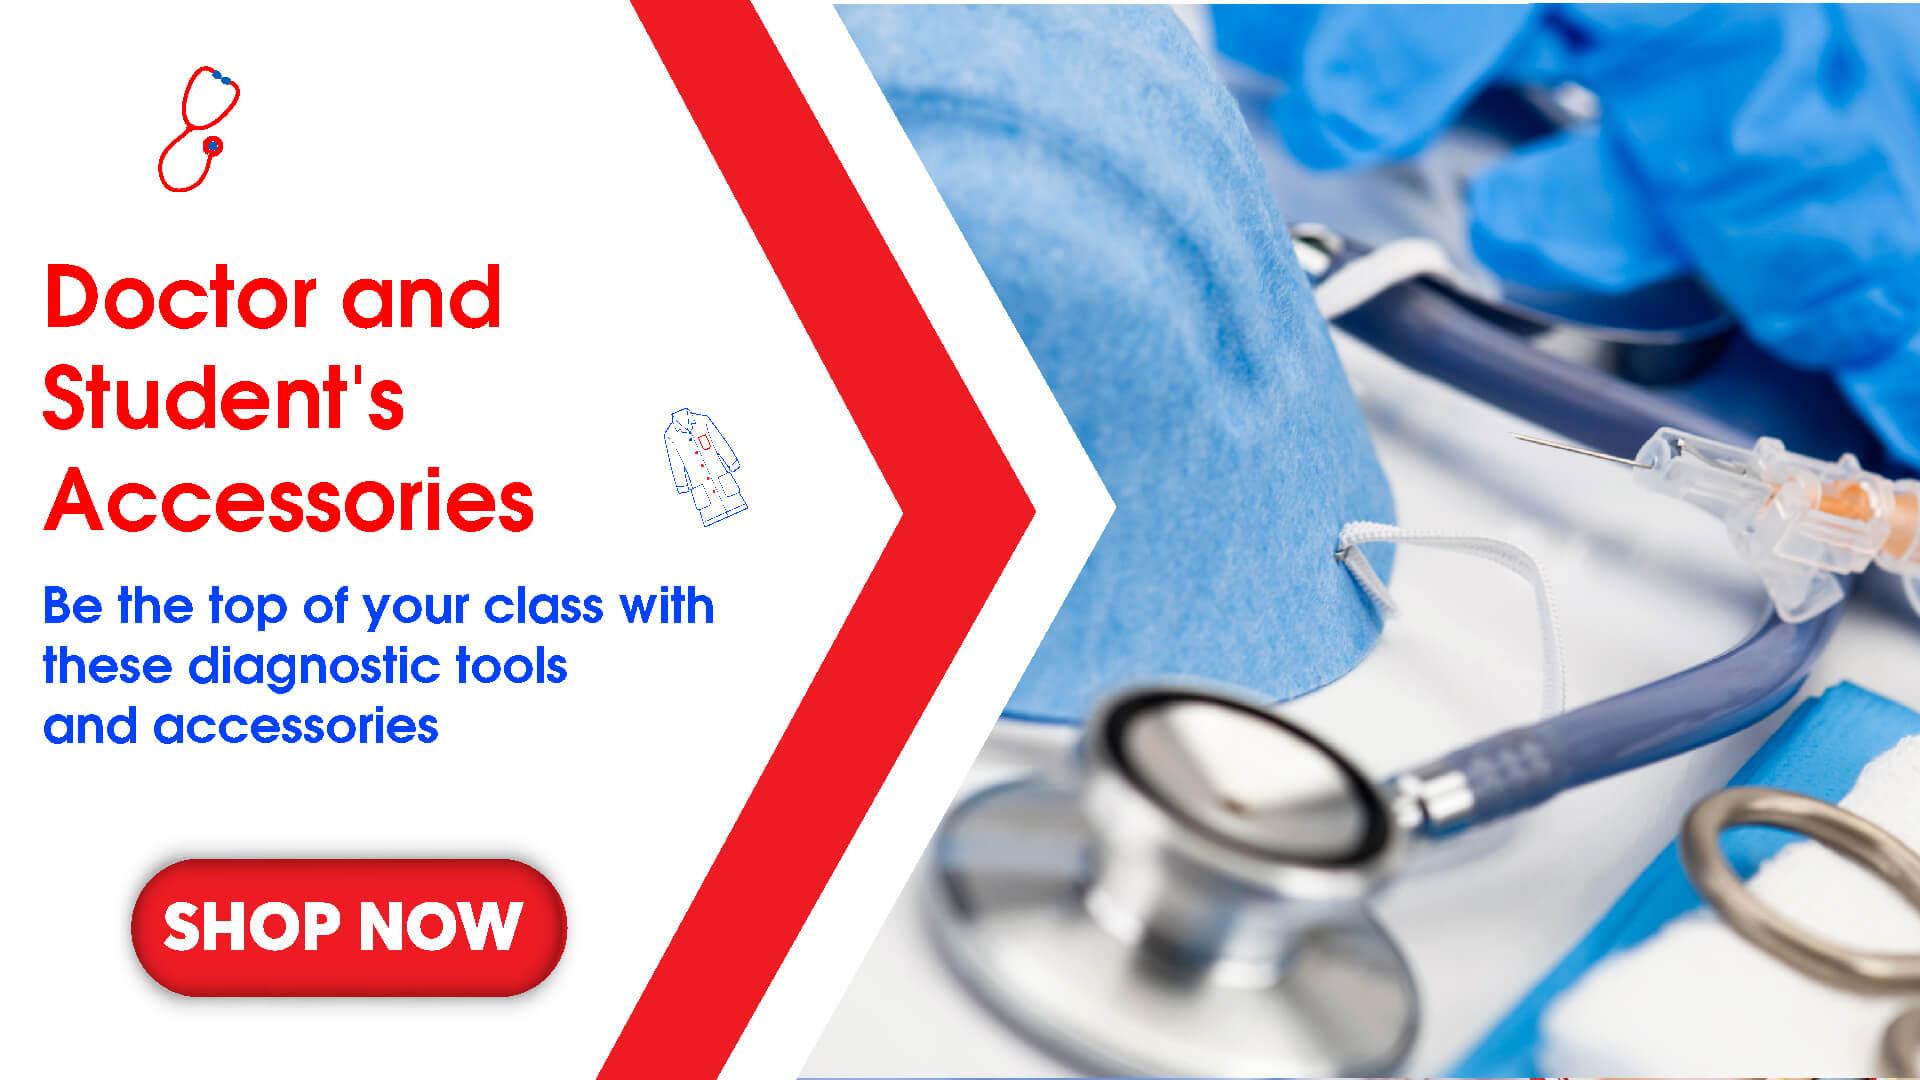 Doctors & Student Accessories